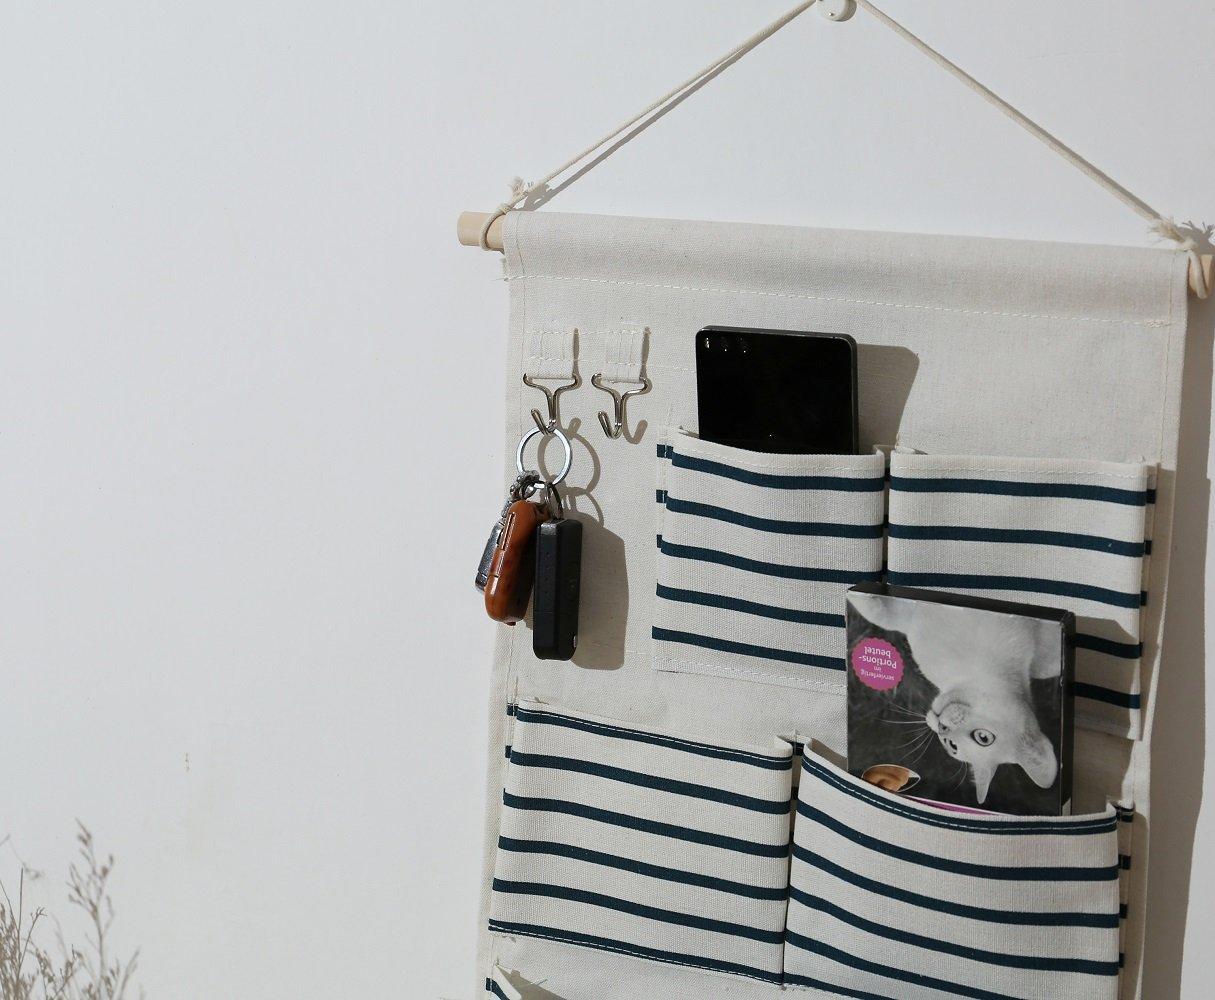 Ebeta Colgando Organizador Puerta Pared Organizador Utilidad de bolsillo Bolsa de almacenamiento colgante para el ba/ño del vestuario de entrada 5 compartimentos con 2 ganchos de llave